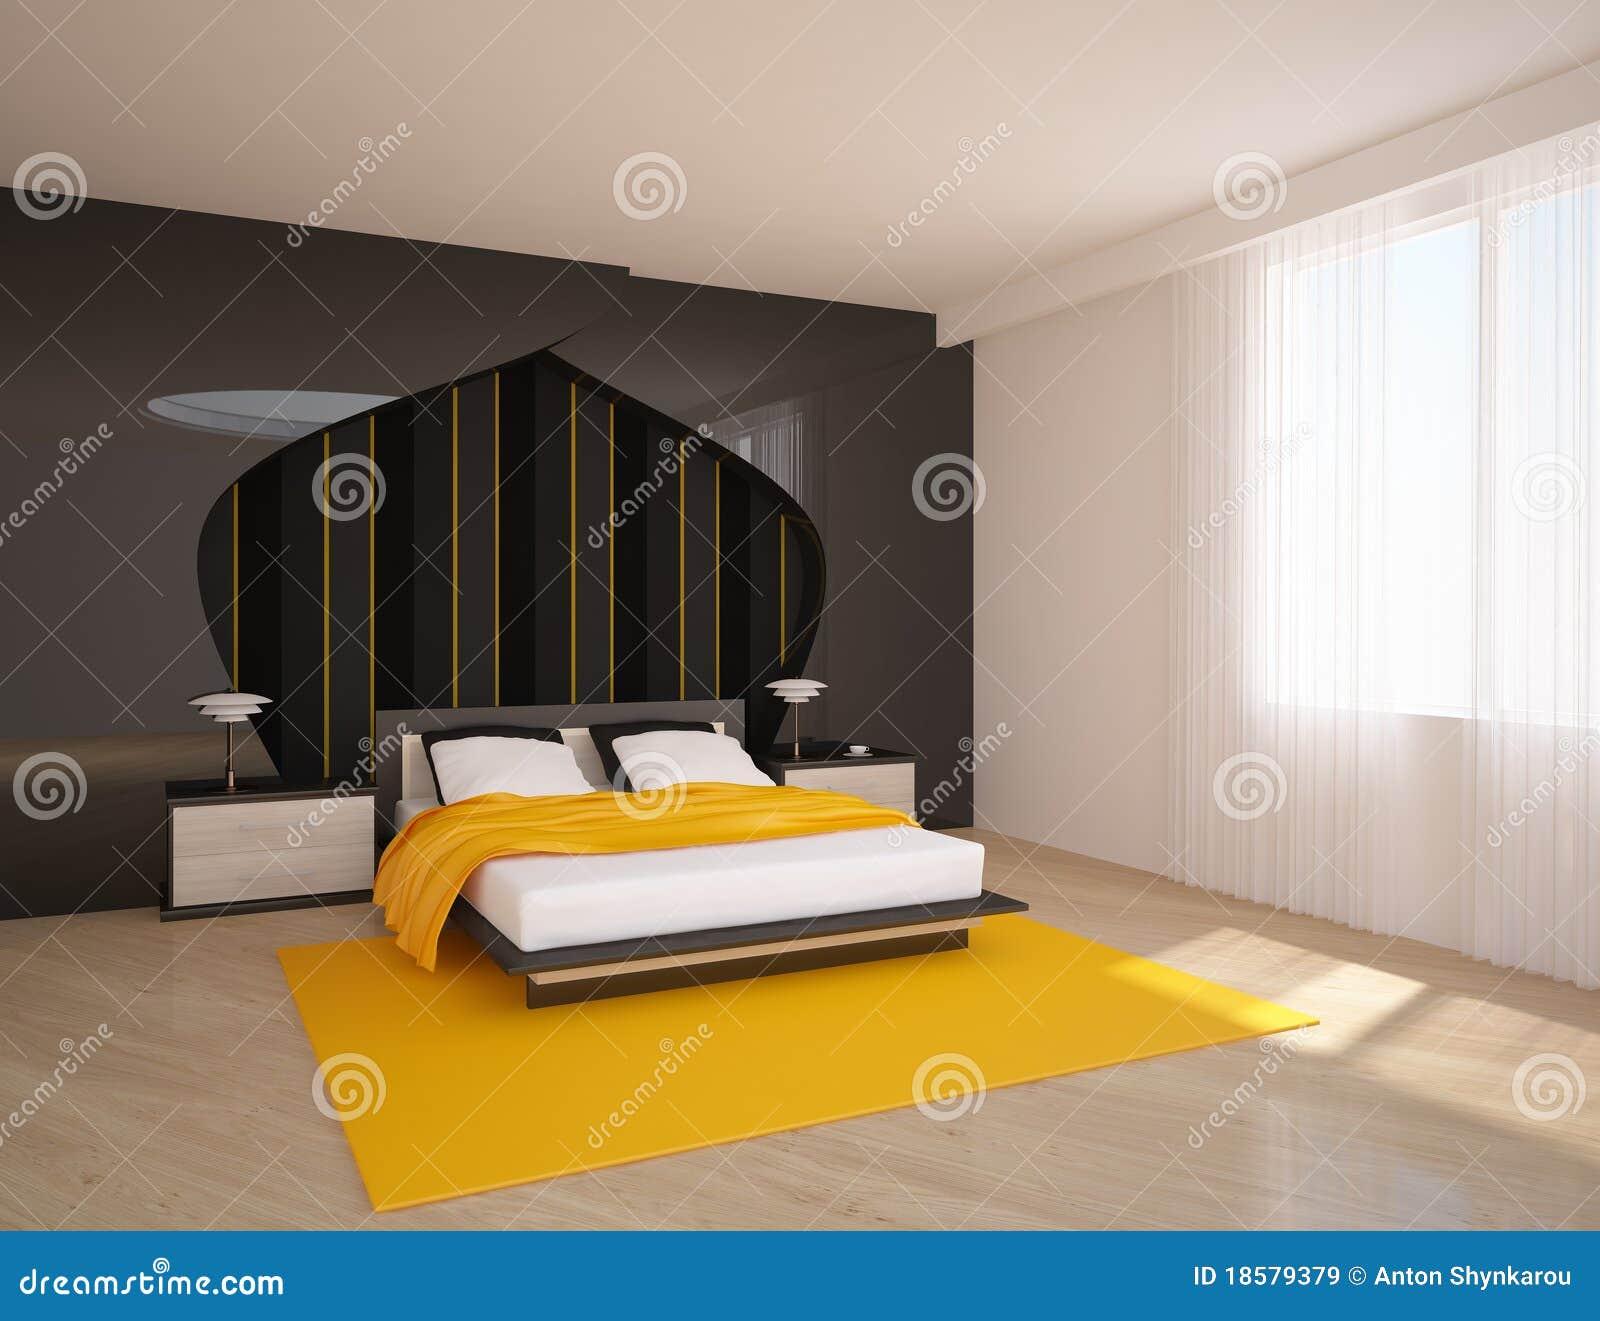 Camera Soffitto Colorato: Che gireranno senza sosta sul soffitto rinfrescando la loro camera.